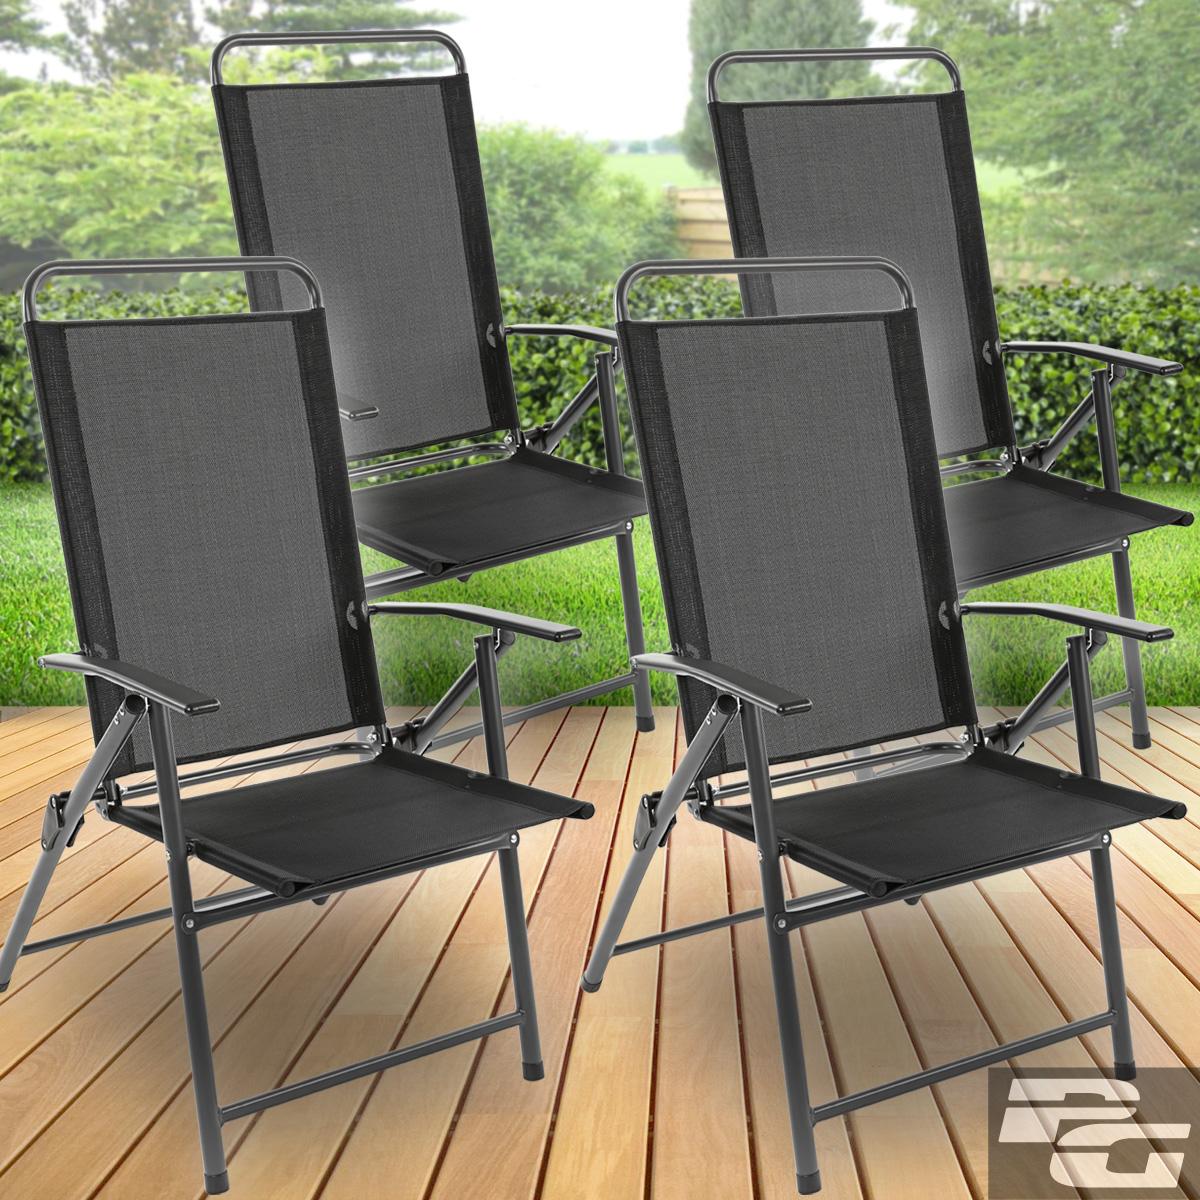 gartenm bel set glastisch rund klappstuhl sitzgruppe gartengarnitur sitzgarnitur ebay. Black Bedroom Furniture Sets. Home Design Ideas